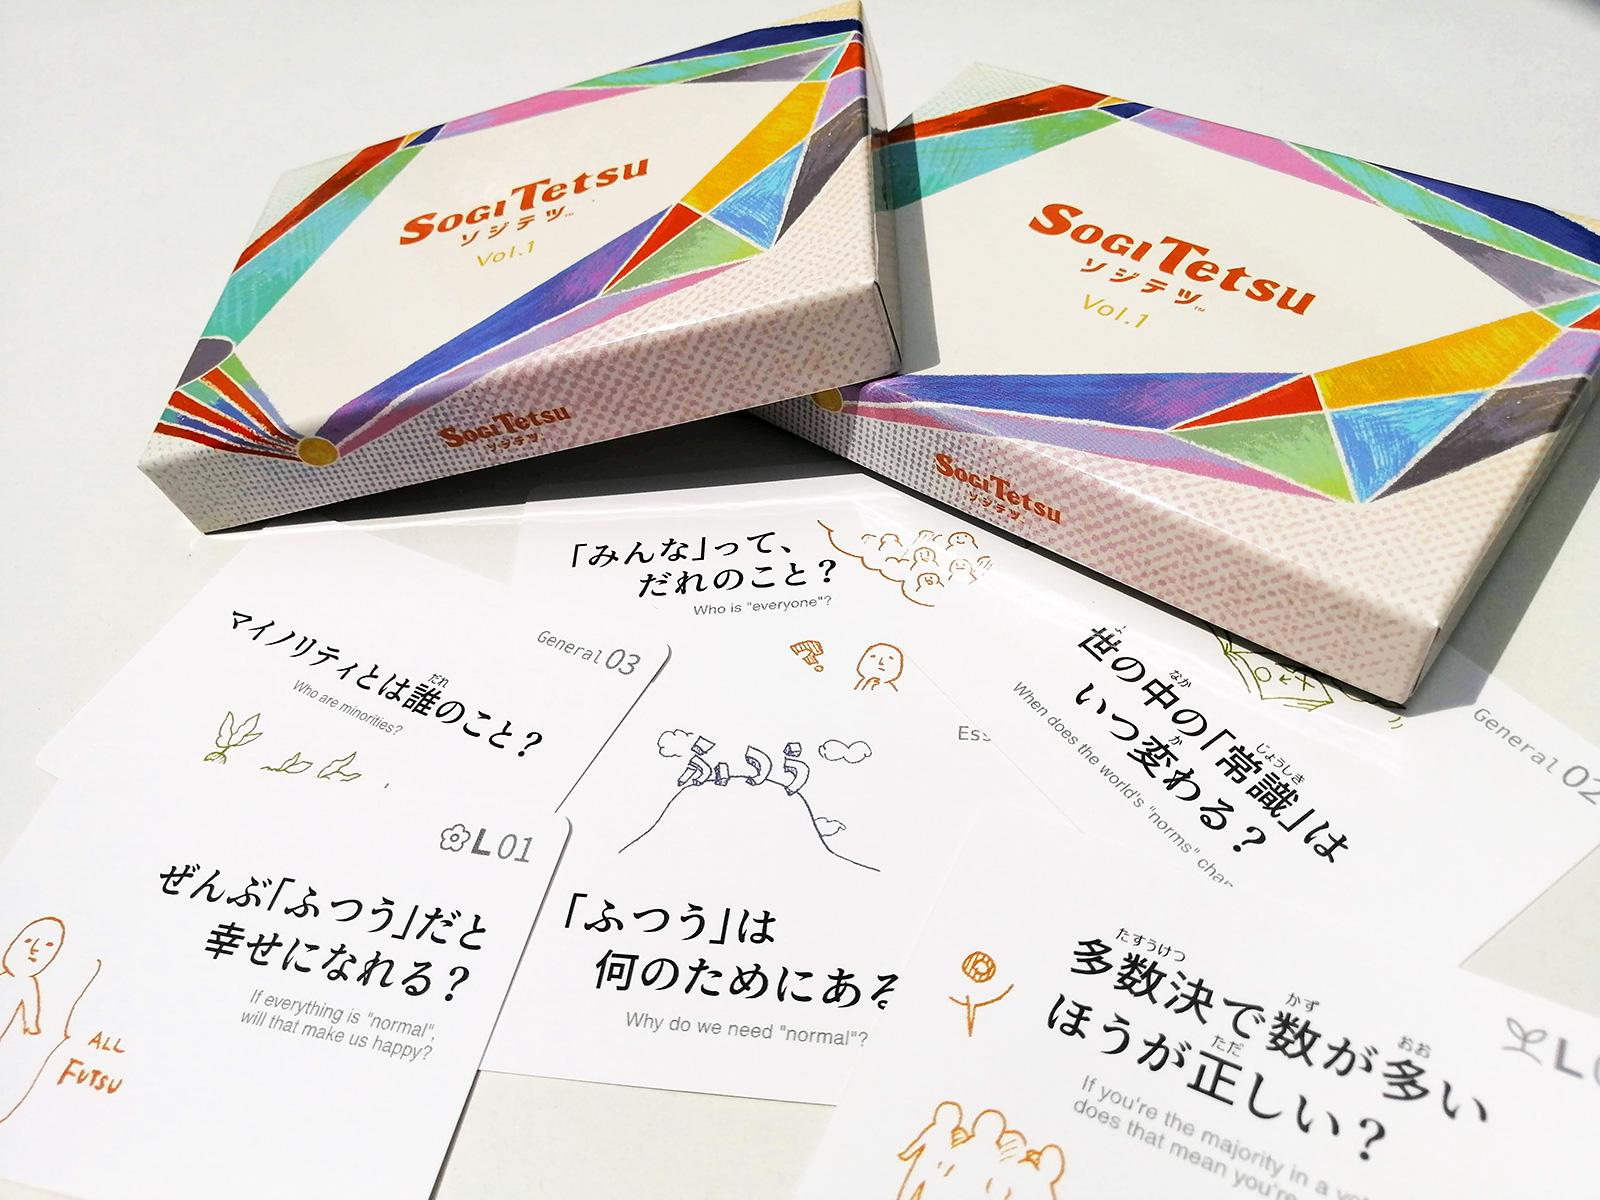 ソジテツカード7.jpg